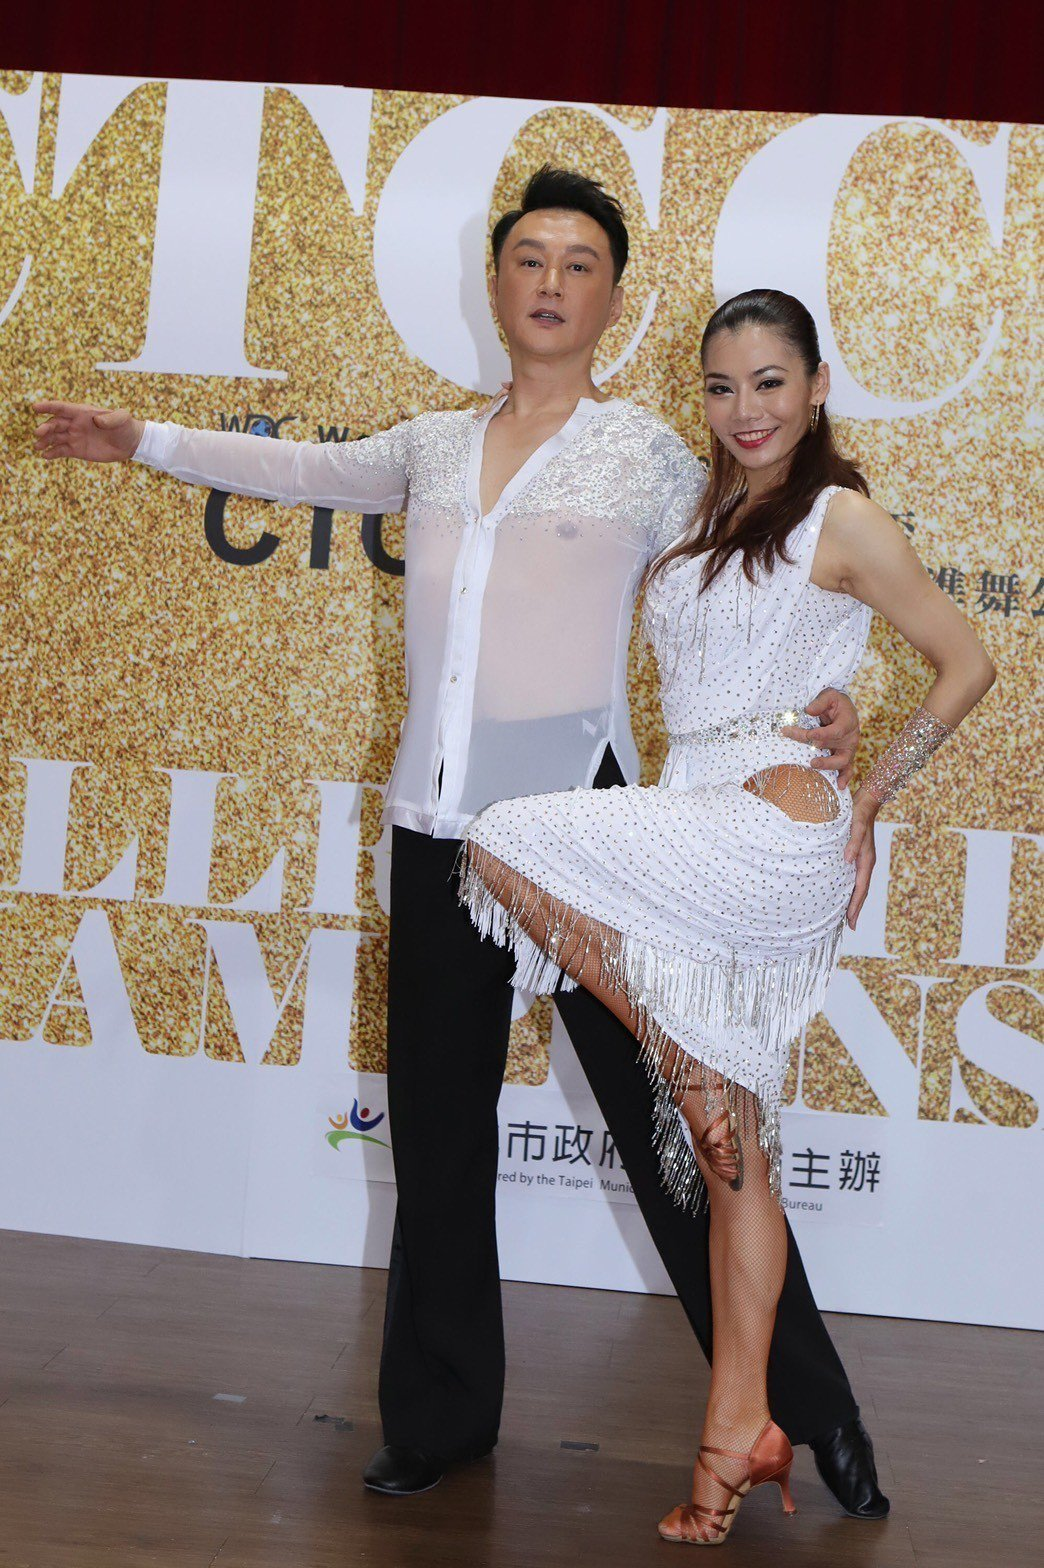 何篤霖(左)今天穿著透明白色舞衣露出上點,他說:「我出道30多年什麼沒見過,上場